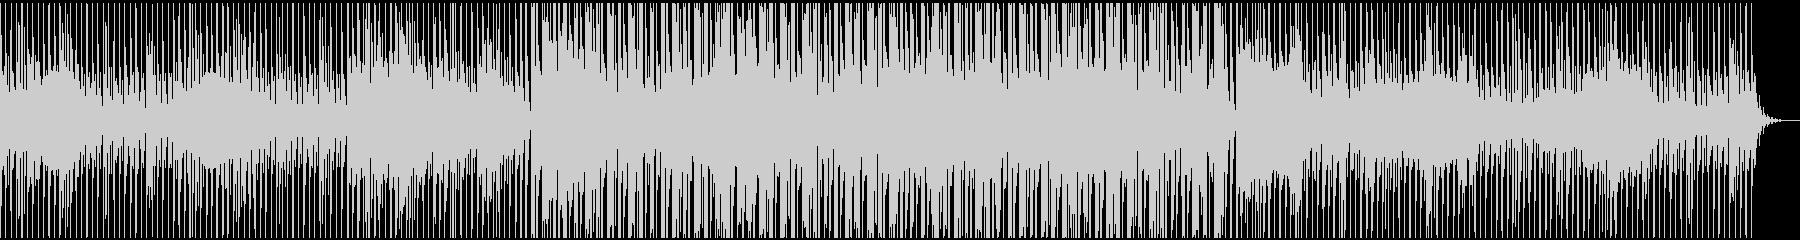 力強く、東洋的なEDMサウンドの未再生の波形